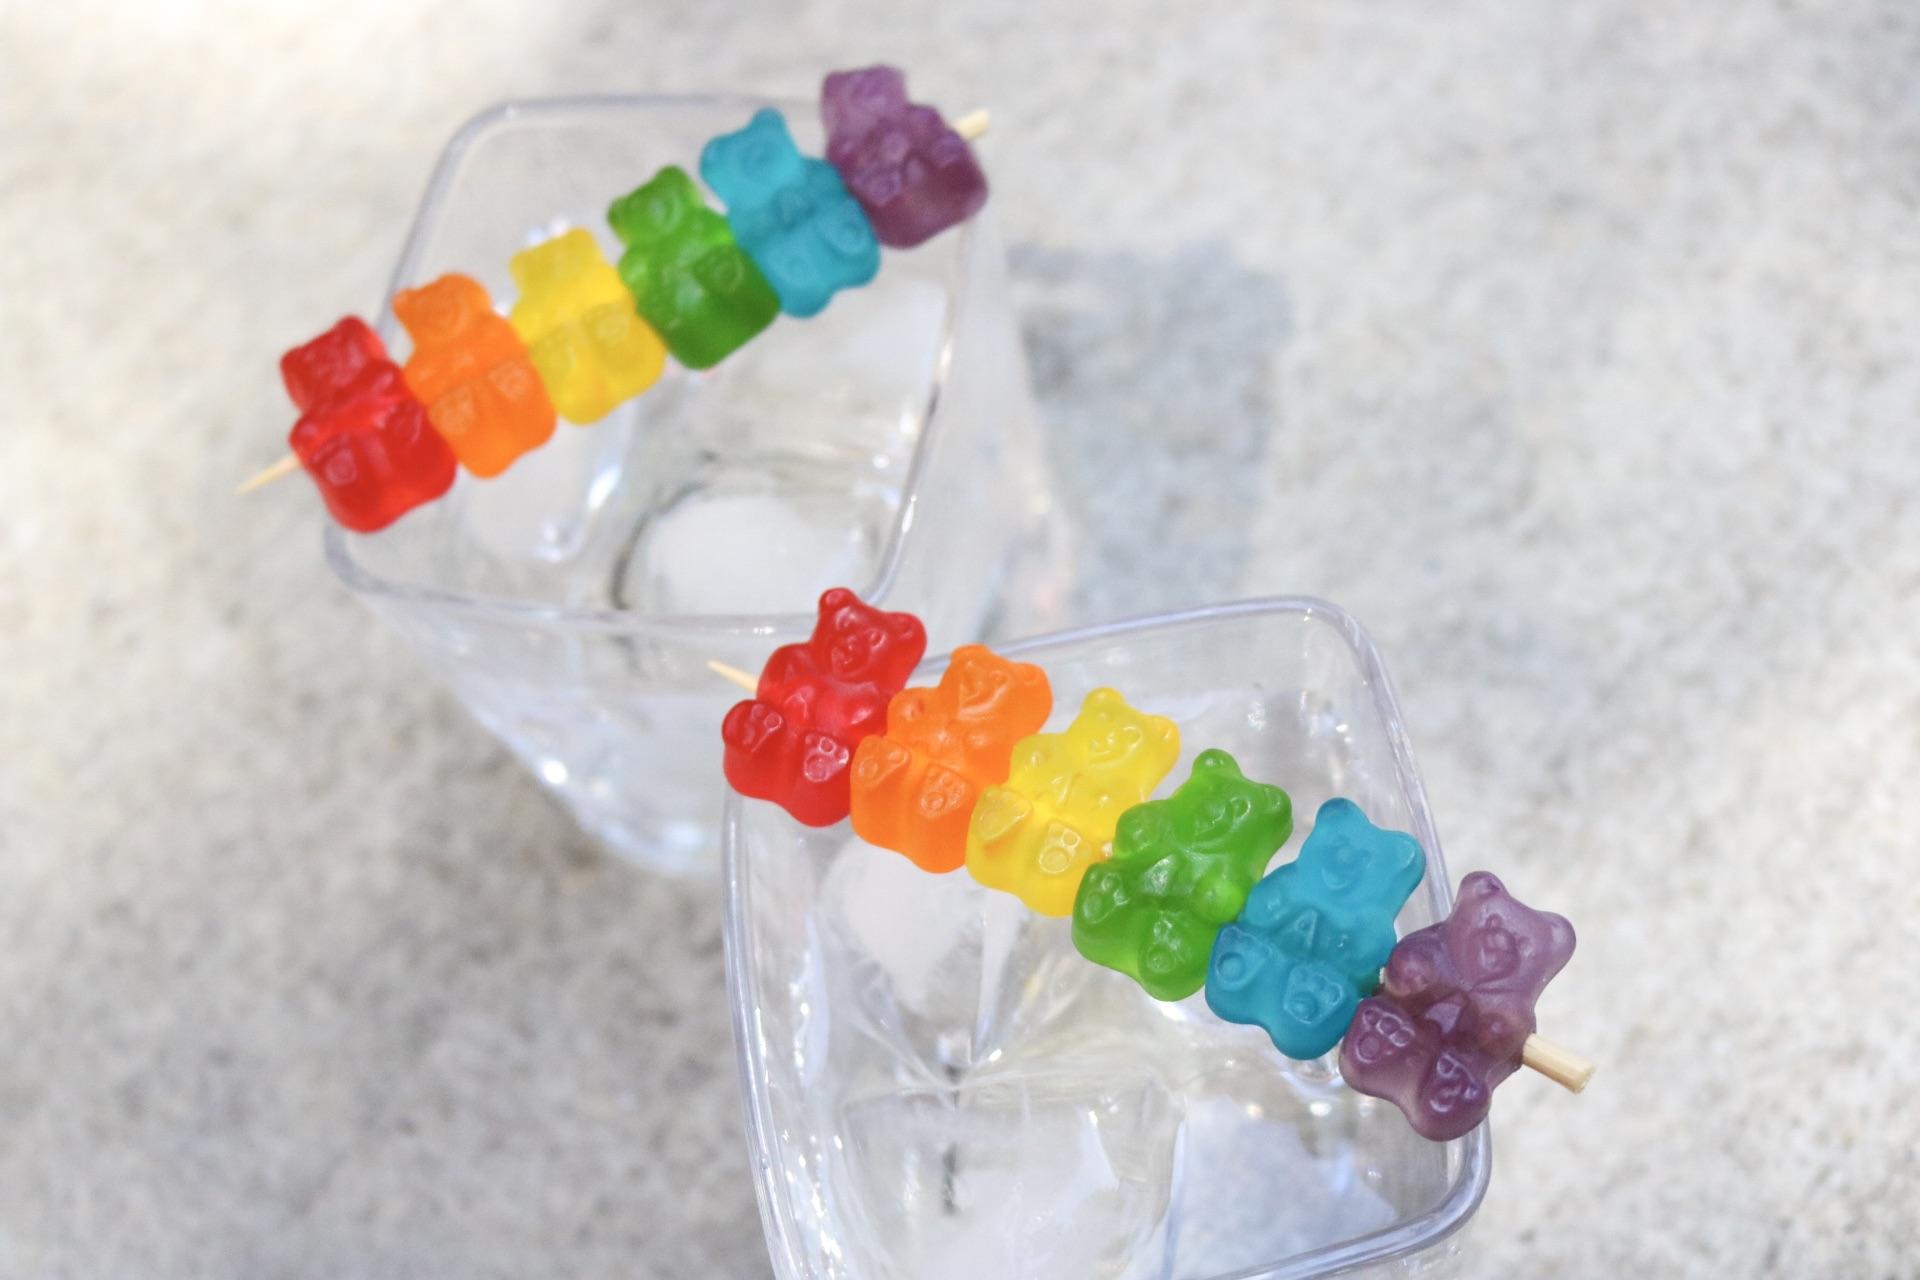 Rainbow Gummi Bear Cocktail Stirrers #gaypride #gaybears #gay #LGBTQ #NYC